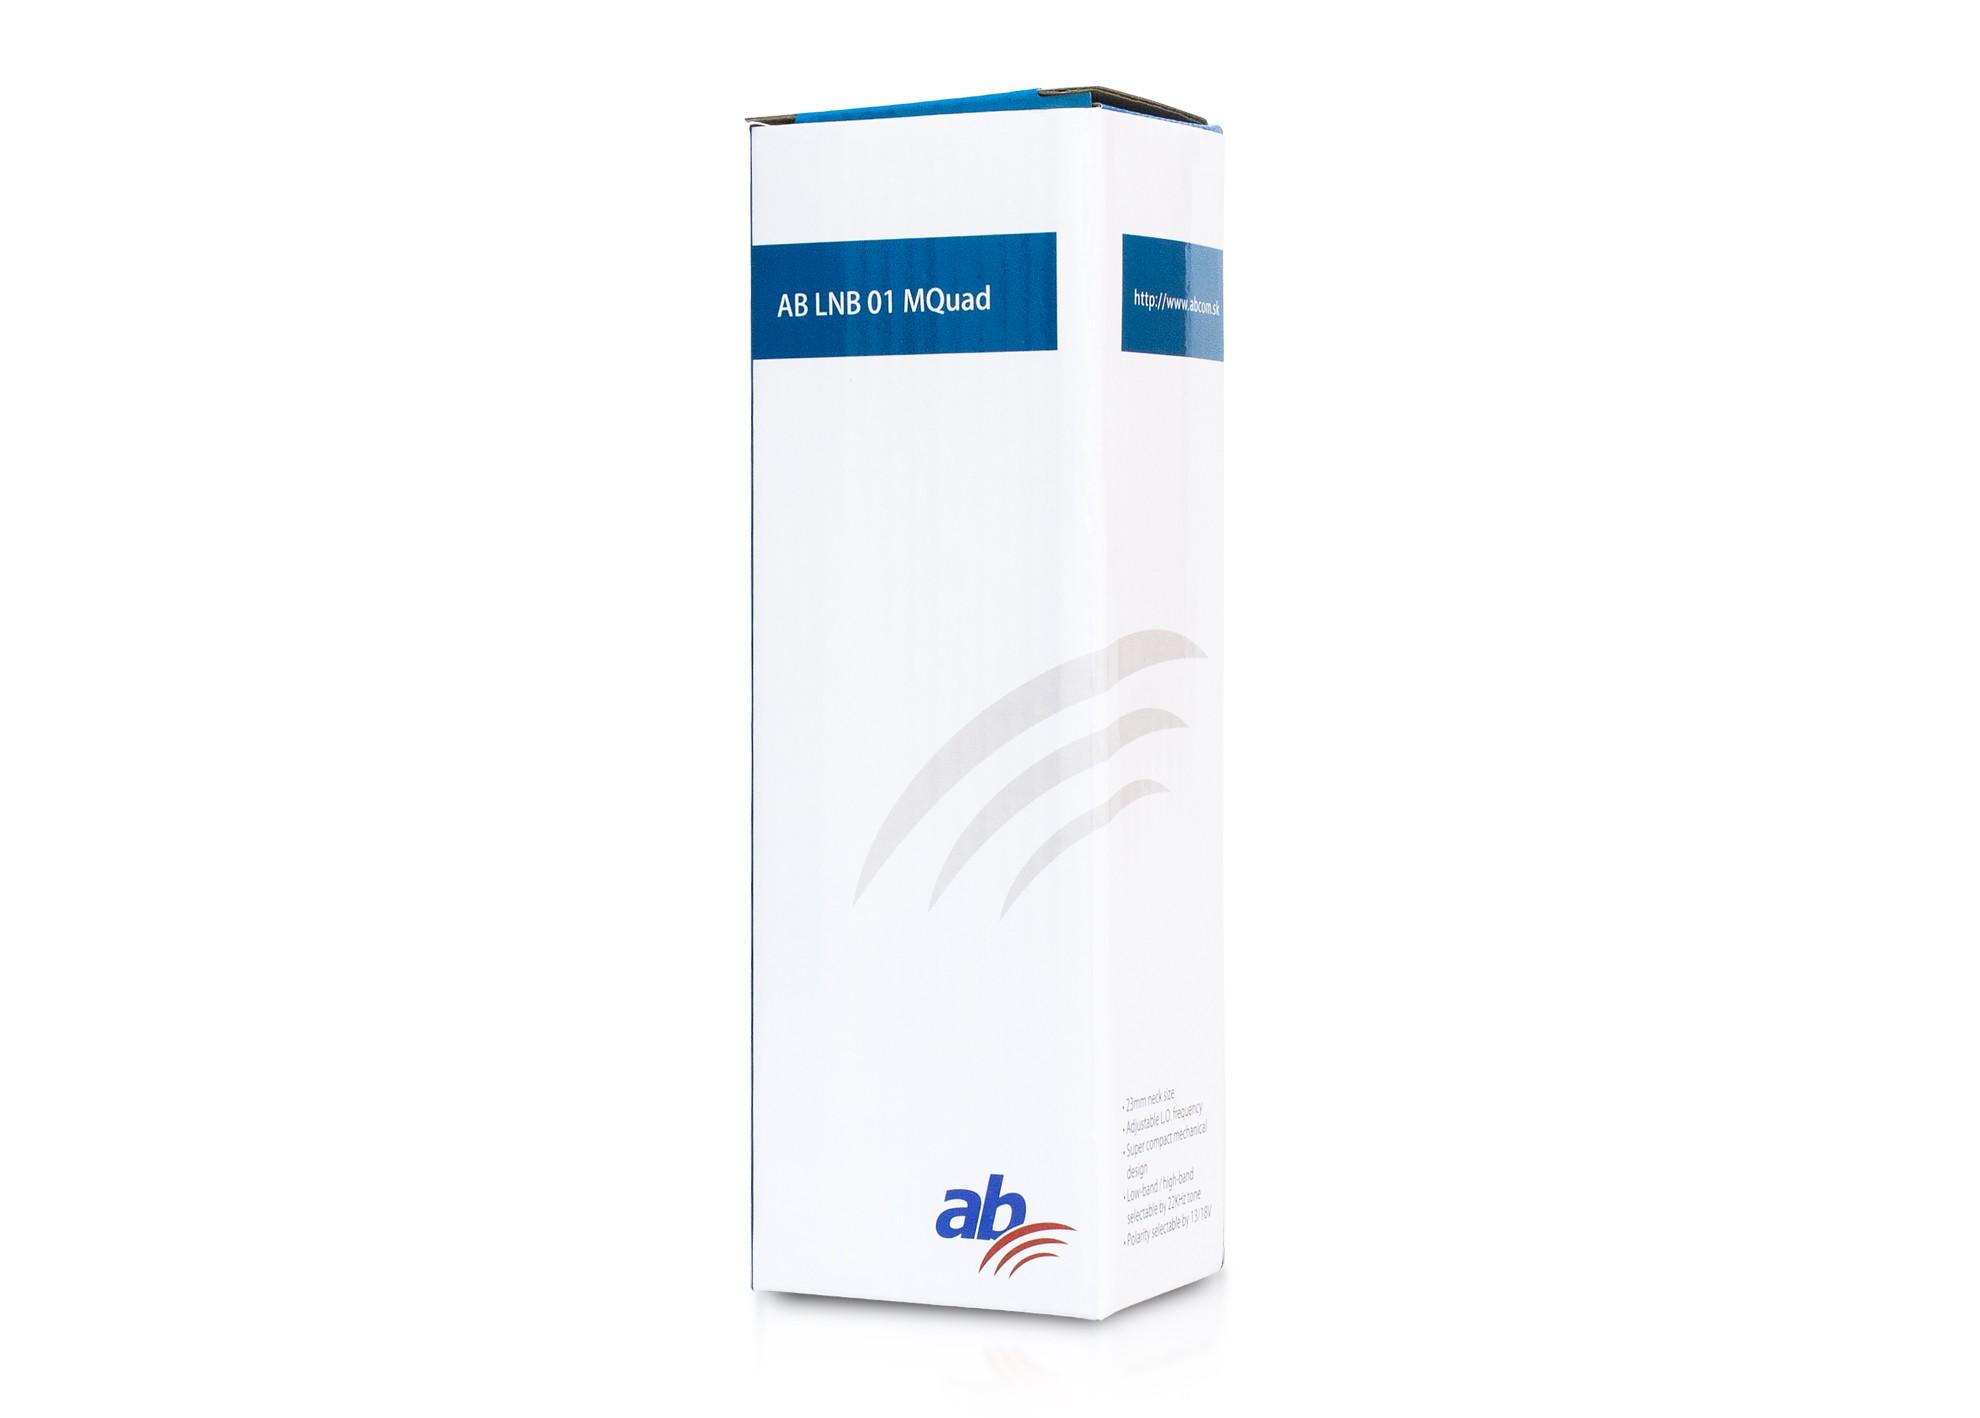 AB LNB01 MQuad